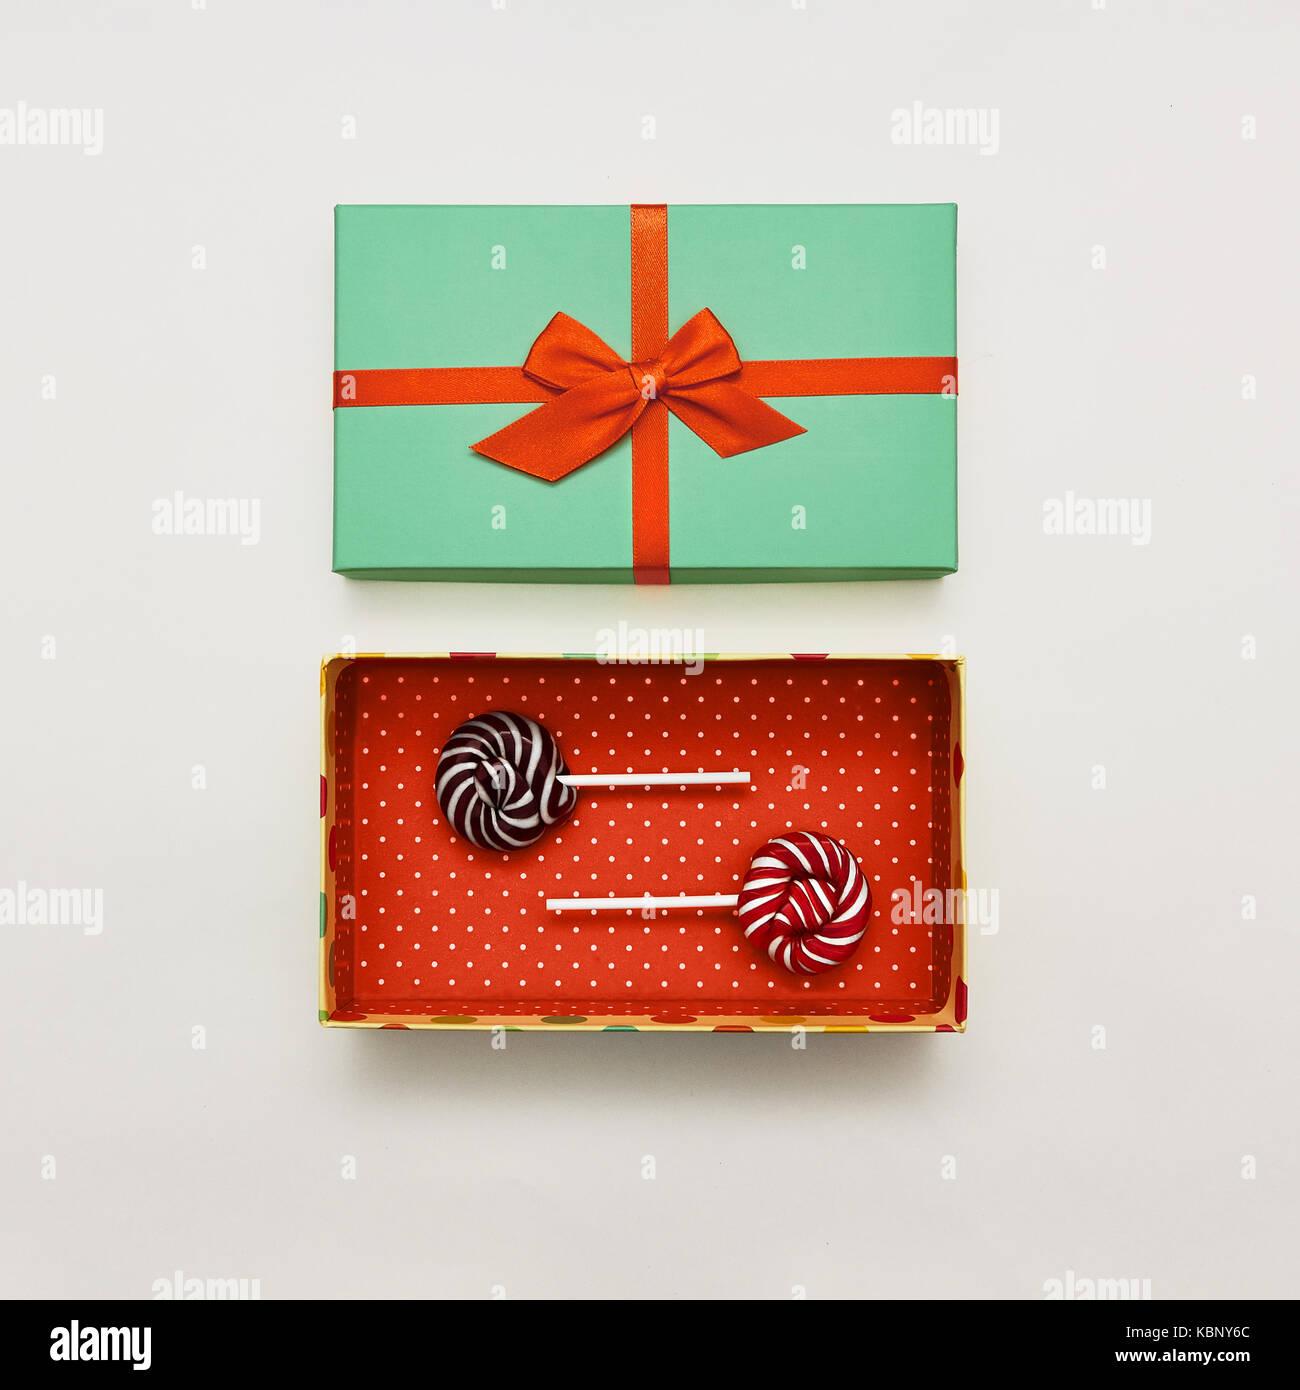 Lecca lecca laici piatta con sfondo bianco due lecca lecca colorati sono giacenti in confezione regalo rossa con Immagini Stock